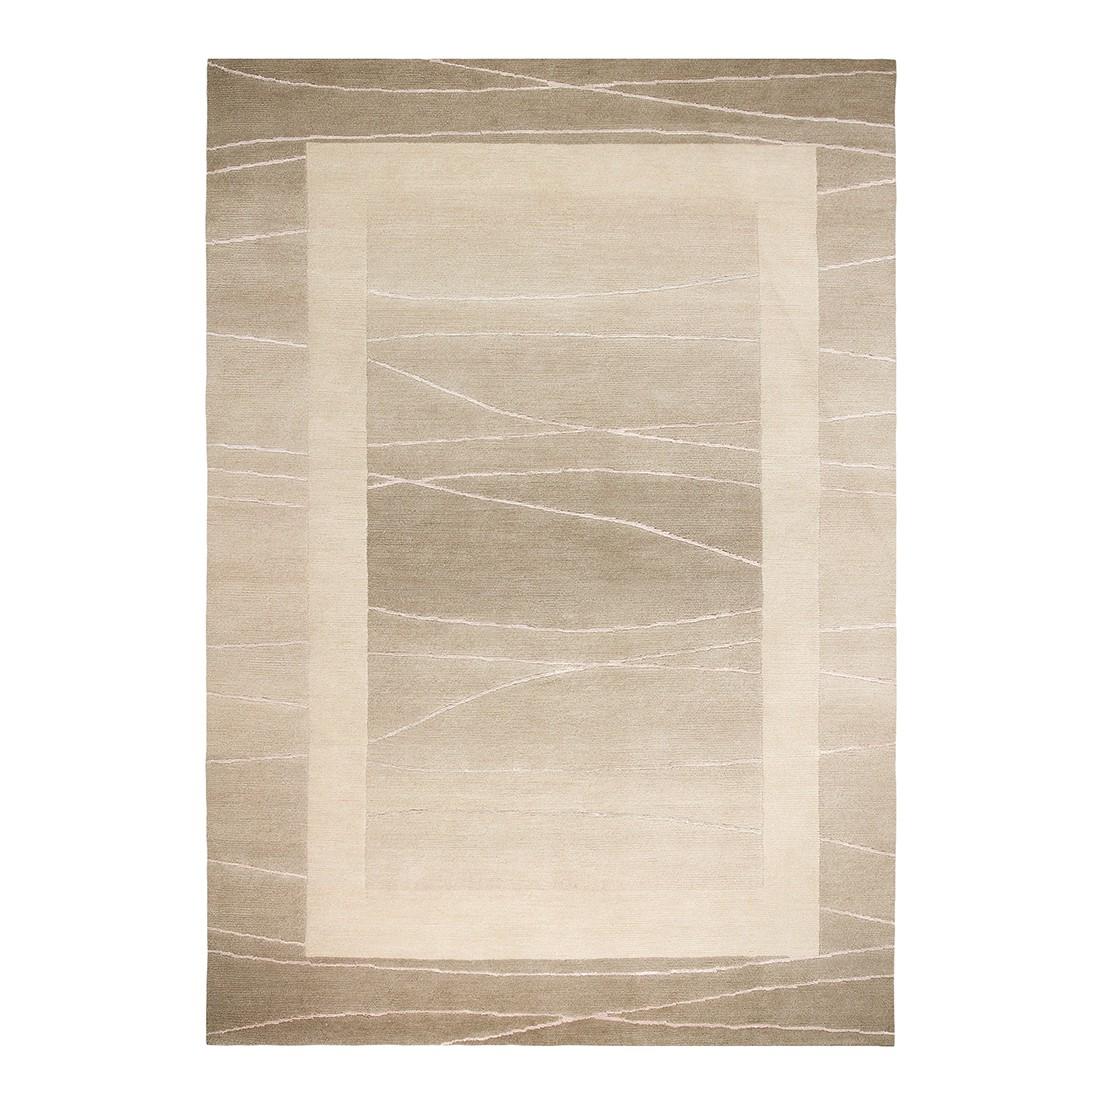 Teppich Linea – Wolle/ Beige – 200 cm x 300 cm, Luxor living jetzt bestellen